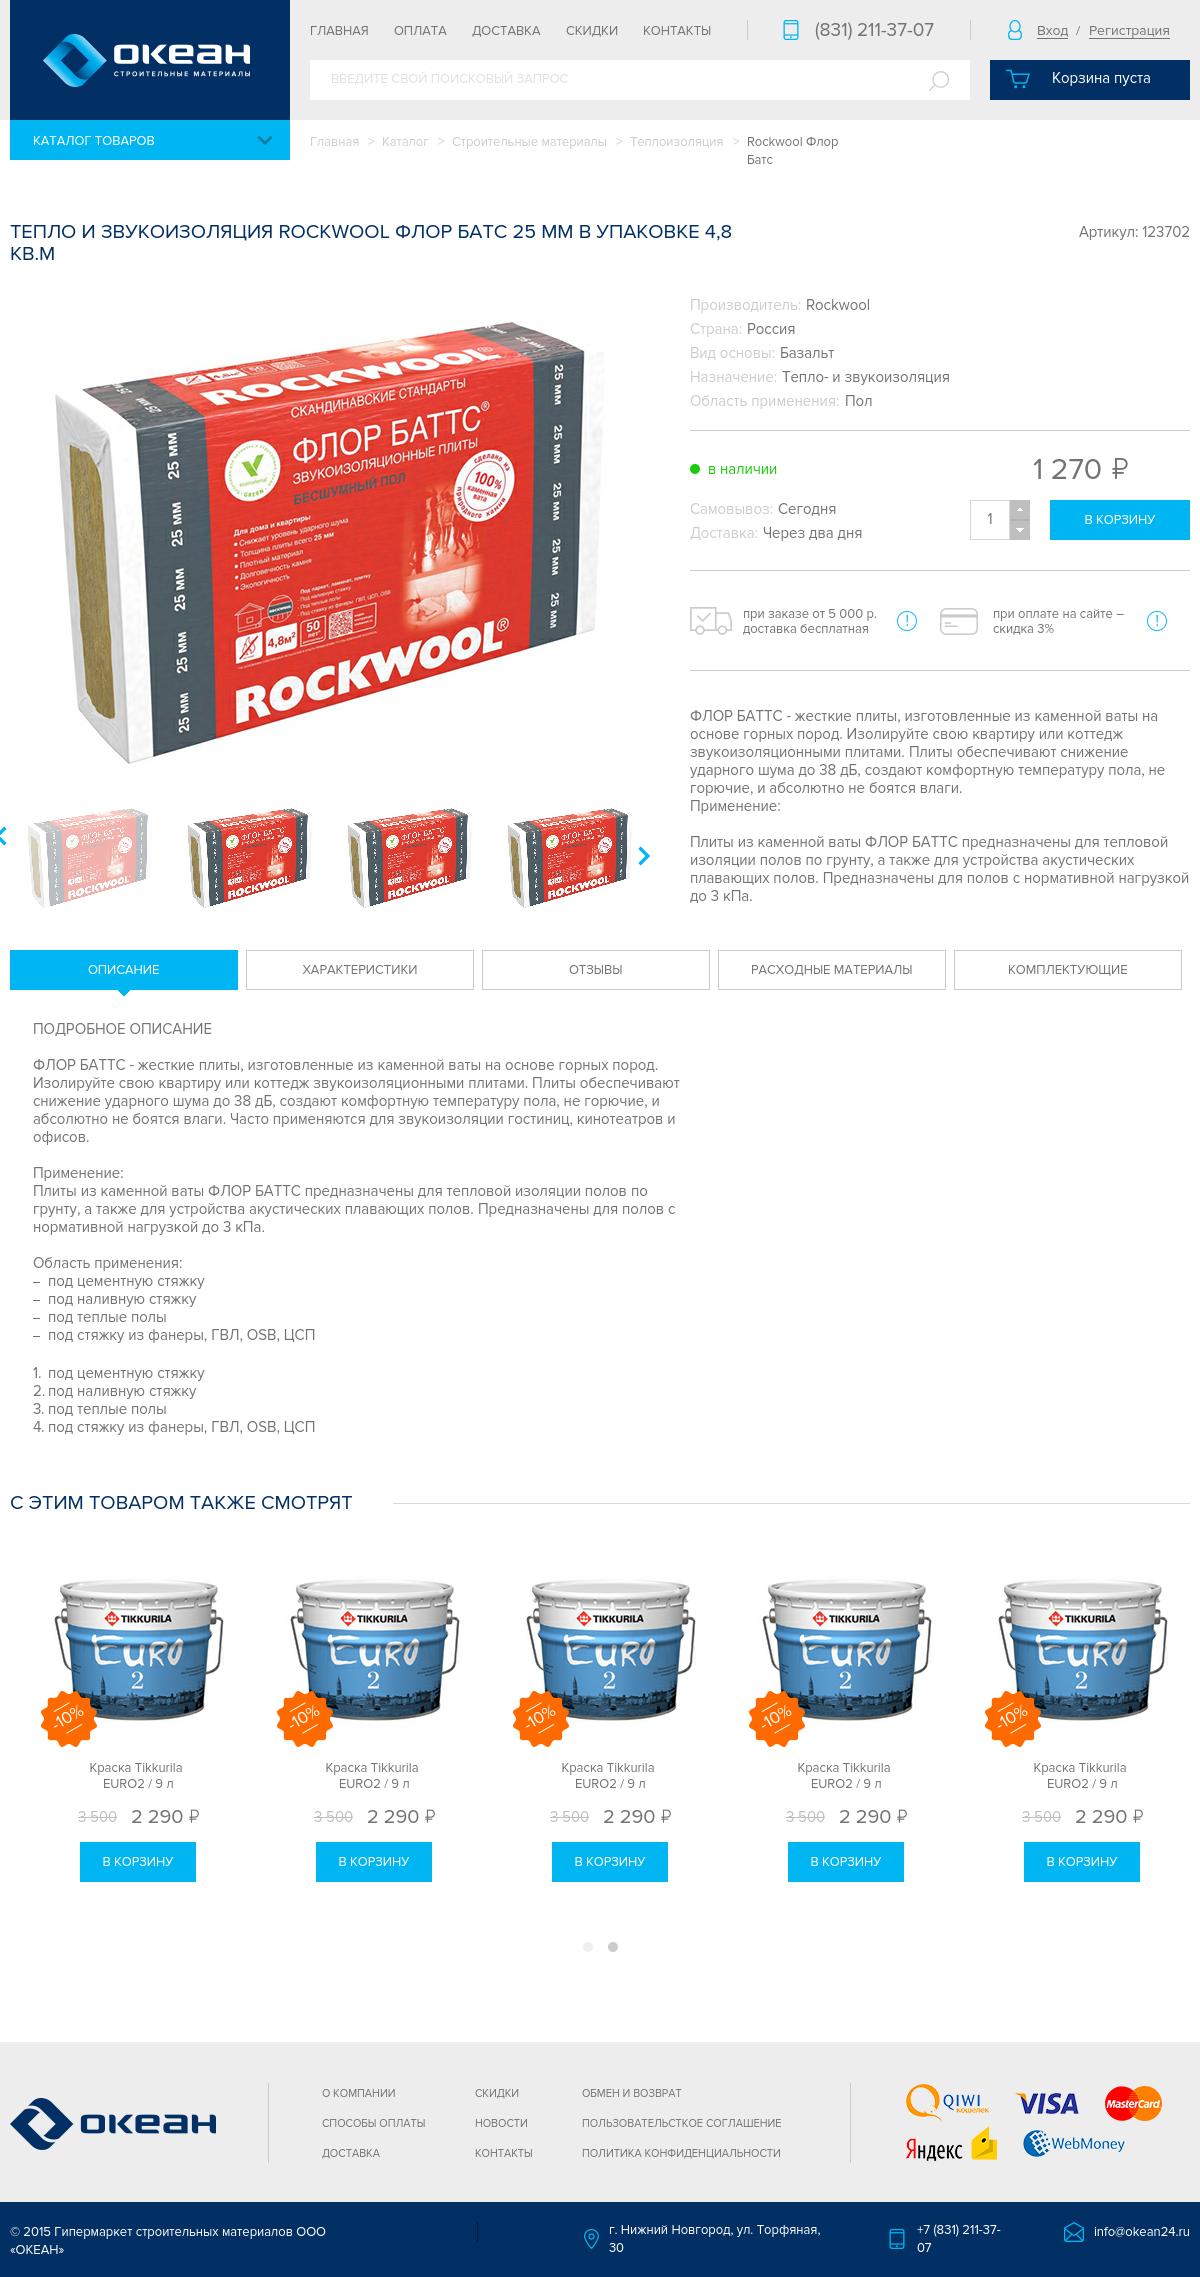 Okean - адаптивная верстка интернет магазина красочных материалов